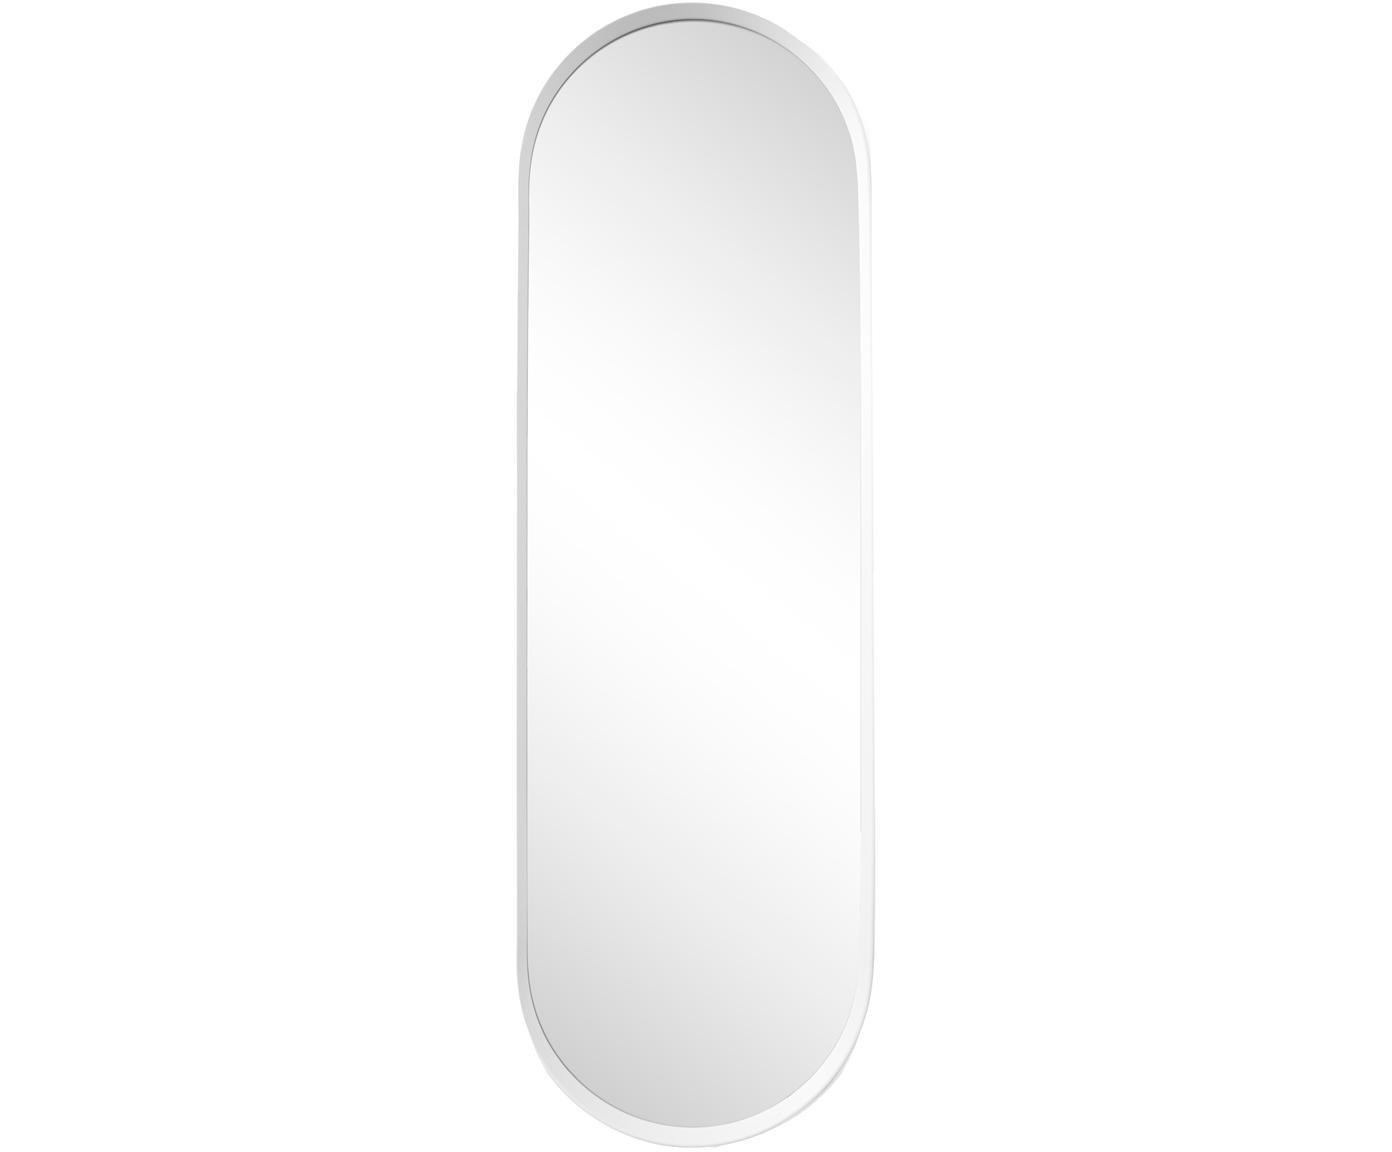 Ovaler Wandspiegel Norm mit weißem Alurahmen, Rahmen: Aluminium, pulverbeschich, Spiegelfläche: Spiegelglas, Weiß, 40 x 130 cm